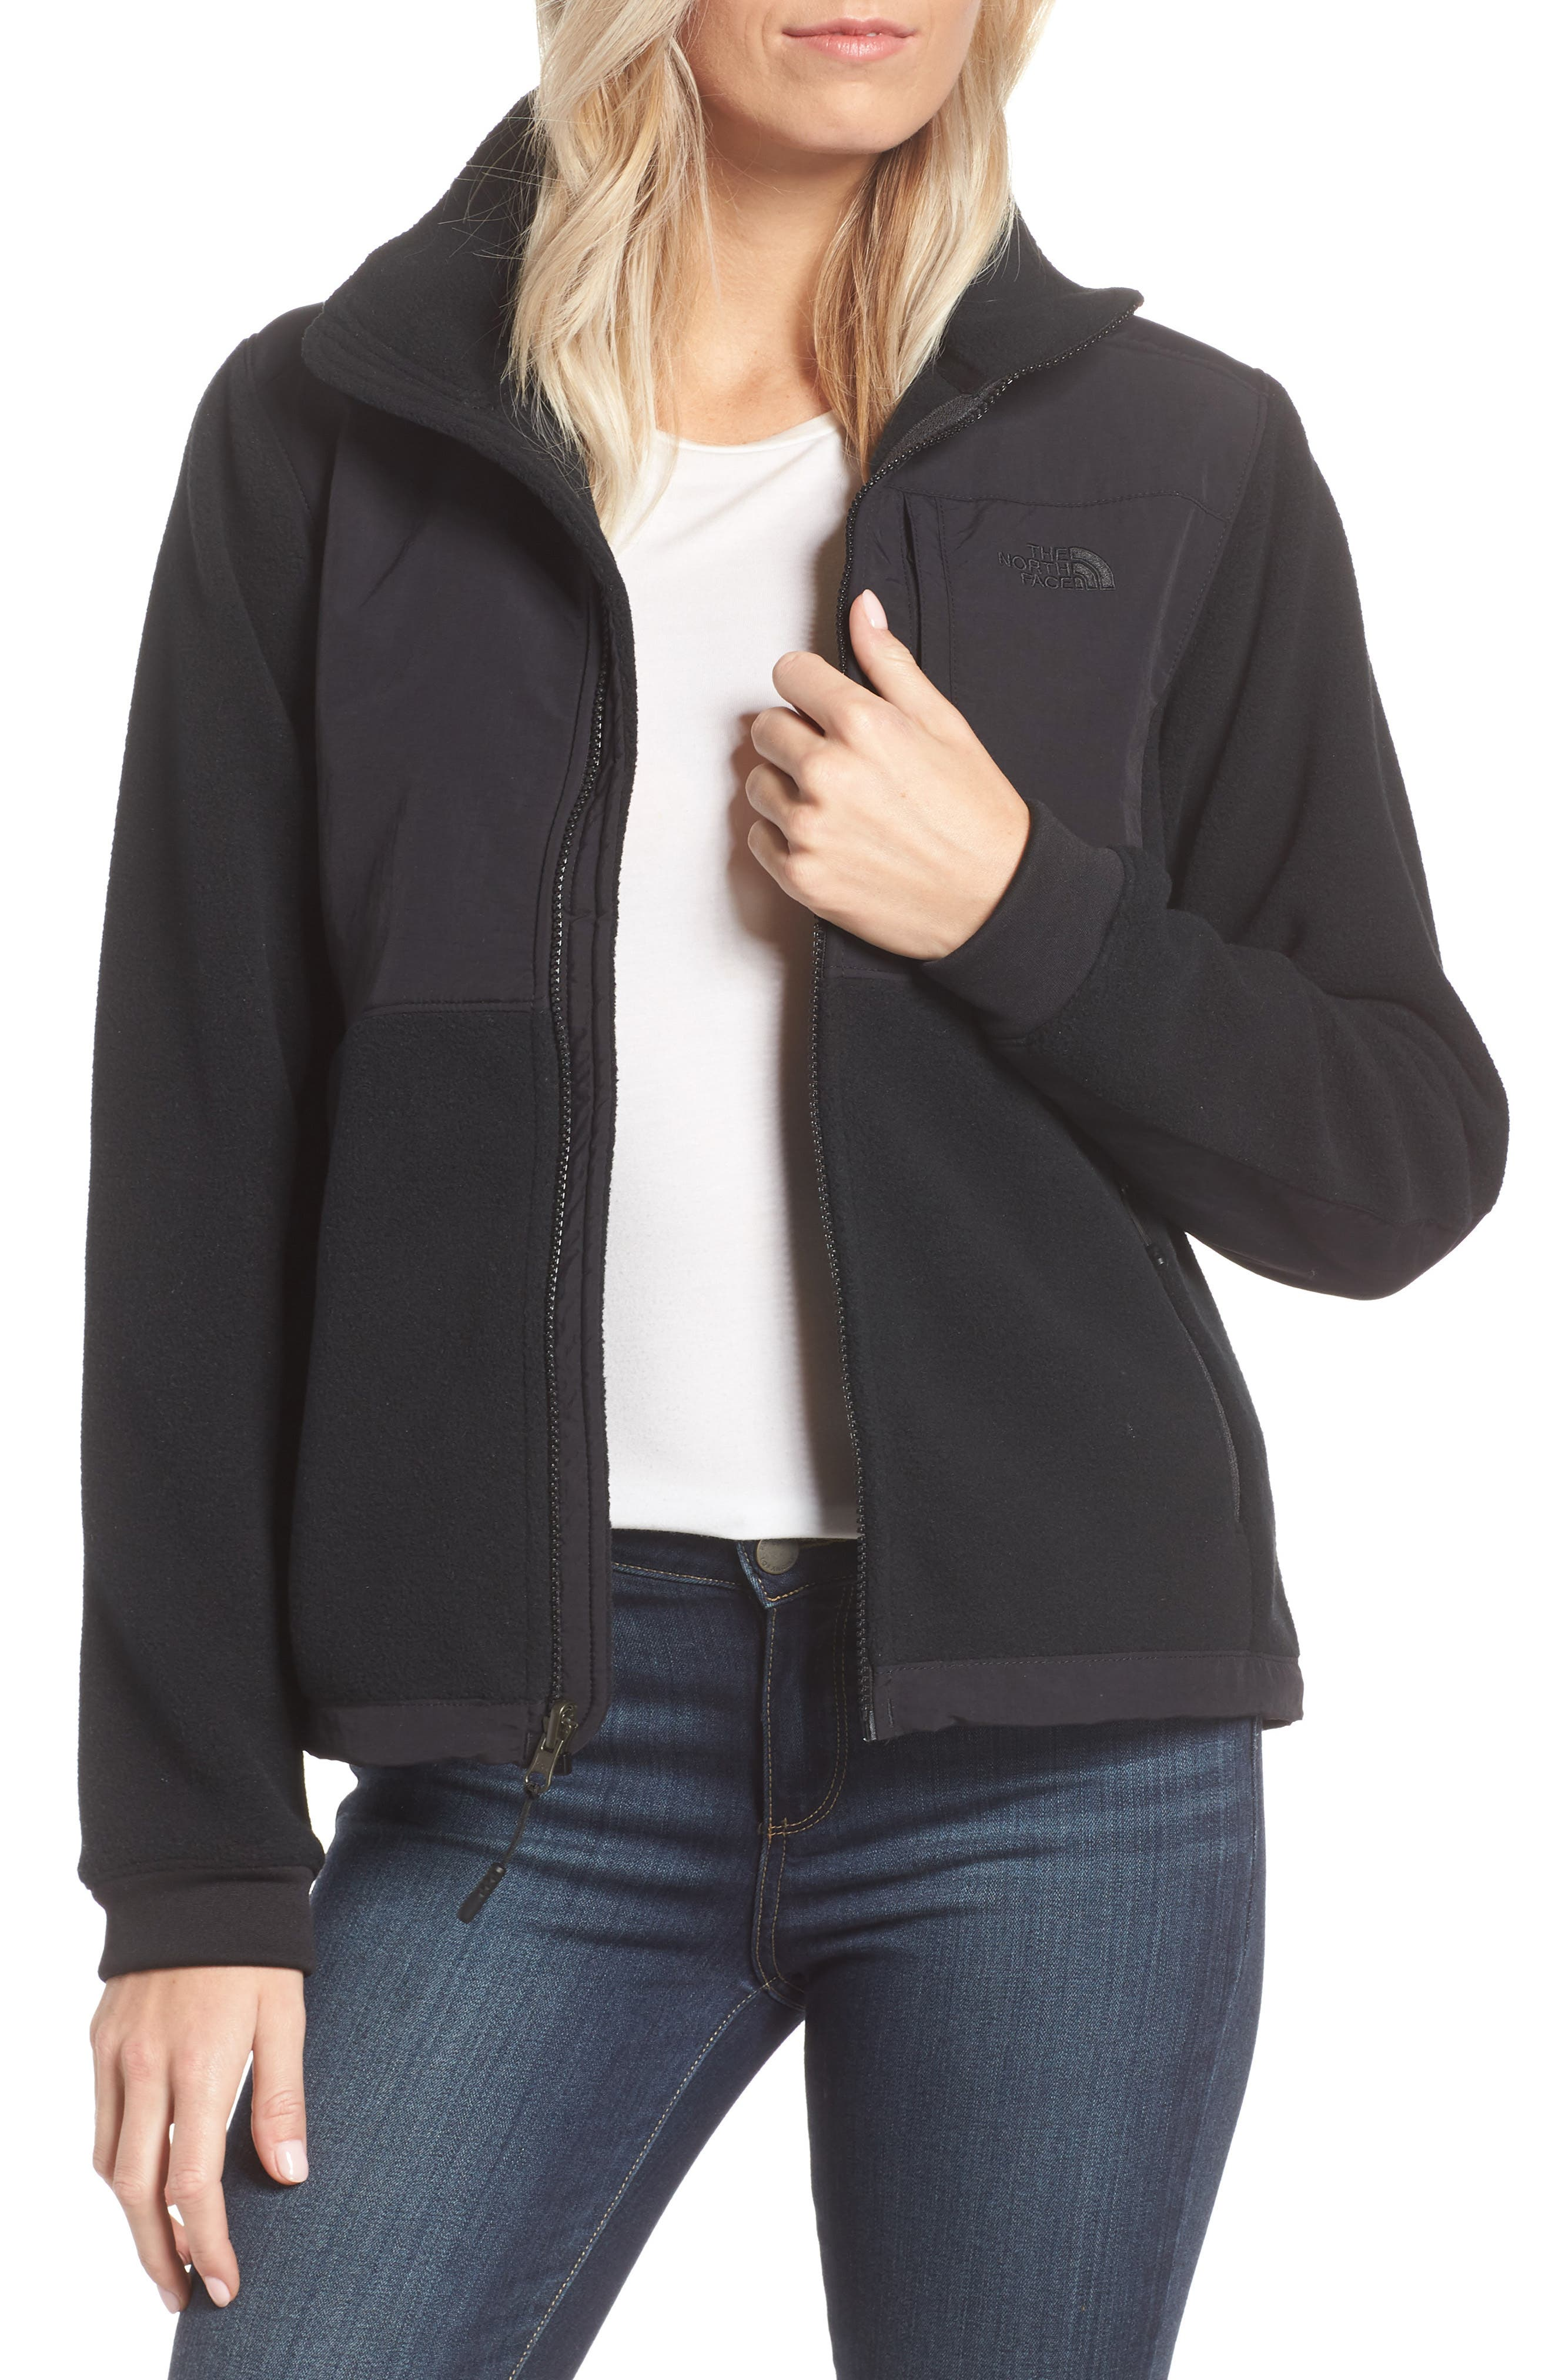 THE NORTH FACE, Denali 2 Jacket, Main thumbnail 1, color, TNF BLACK